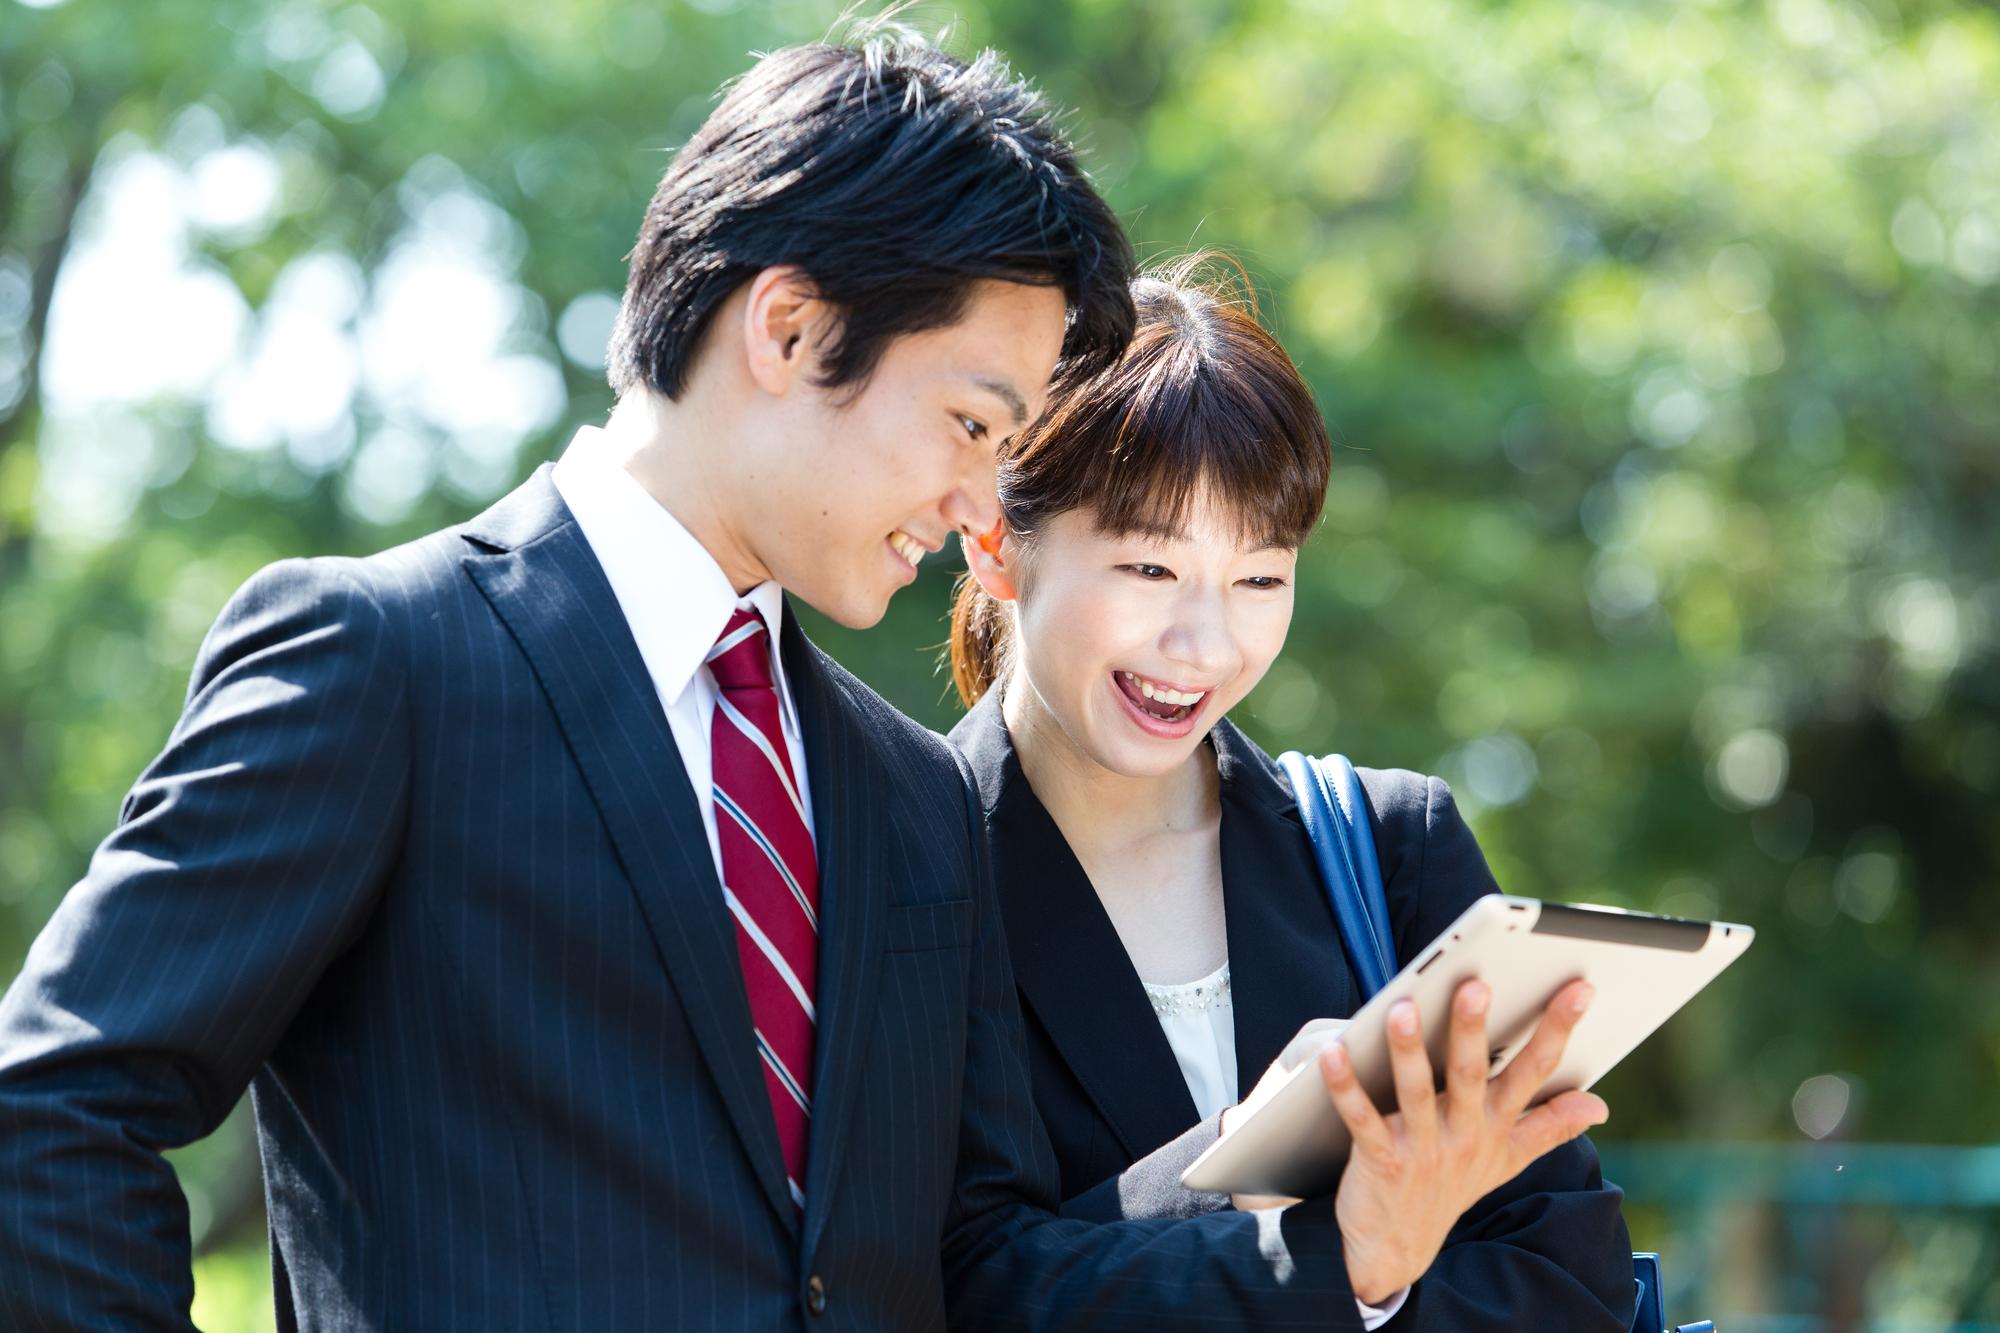 営業活動でよくある課題と対策情報まとめ